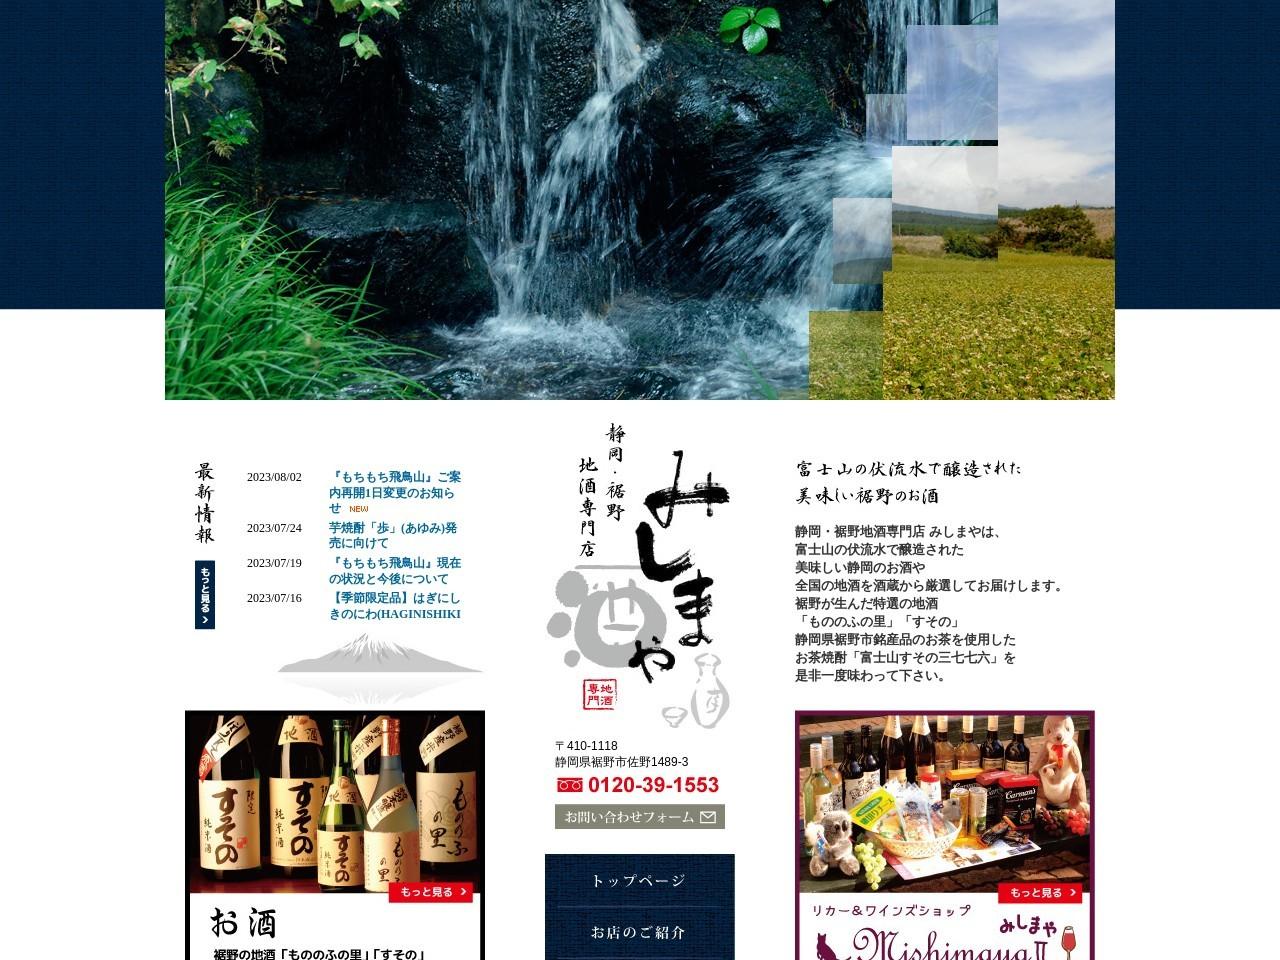 静岡・裾野地酒専門店 みしまや │ 裾野の地酒「もののふの里」「すその」、本格茶焼酎「富士山すその 三七七六」